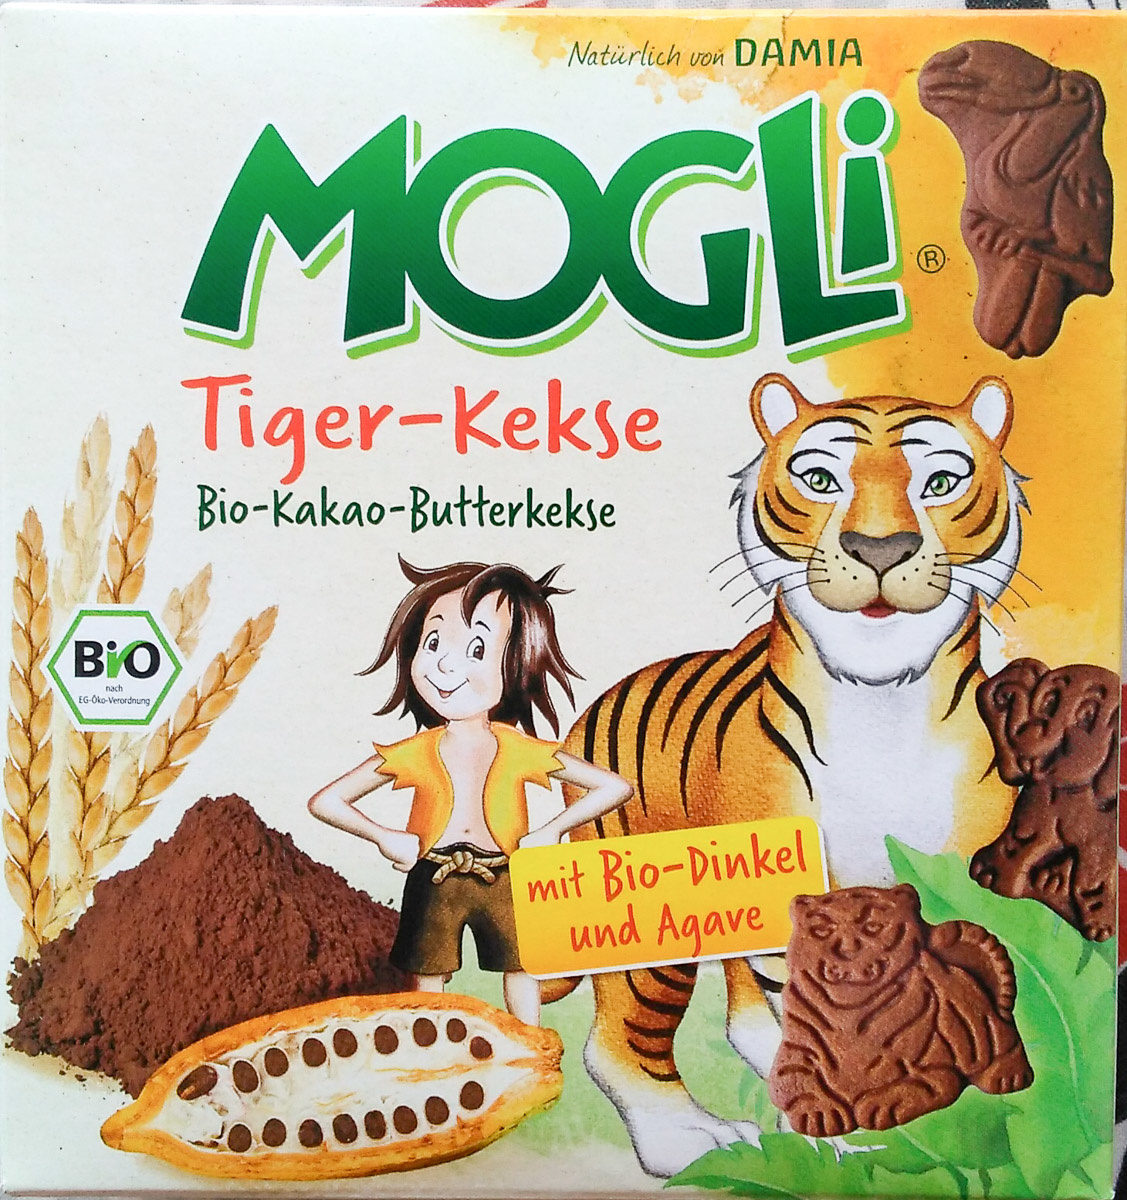 Mogli - Product